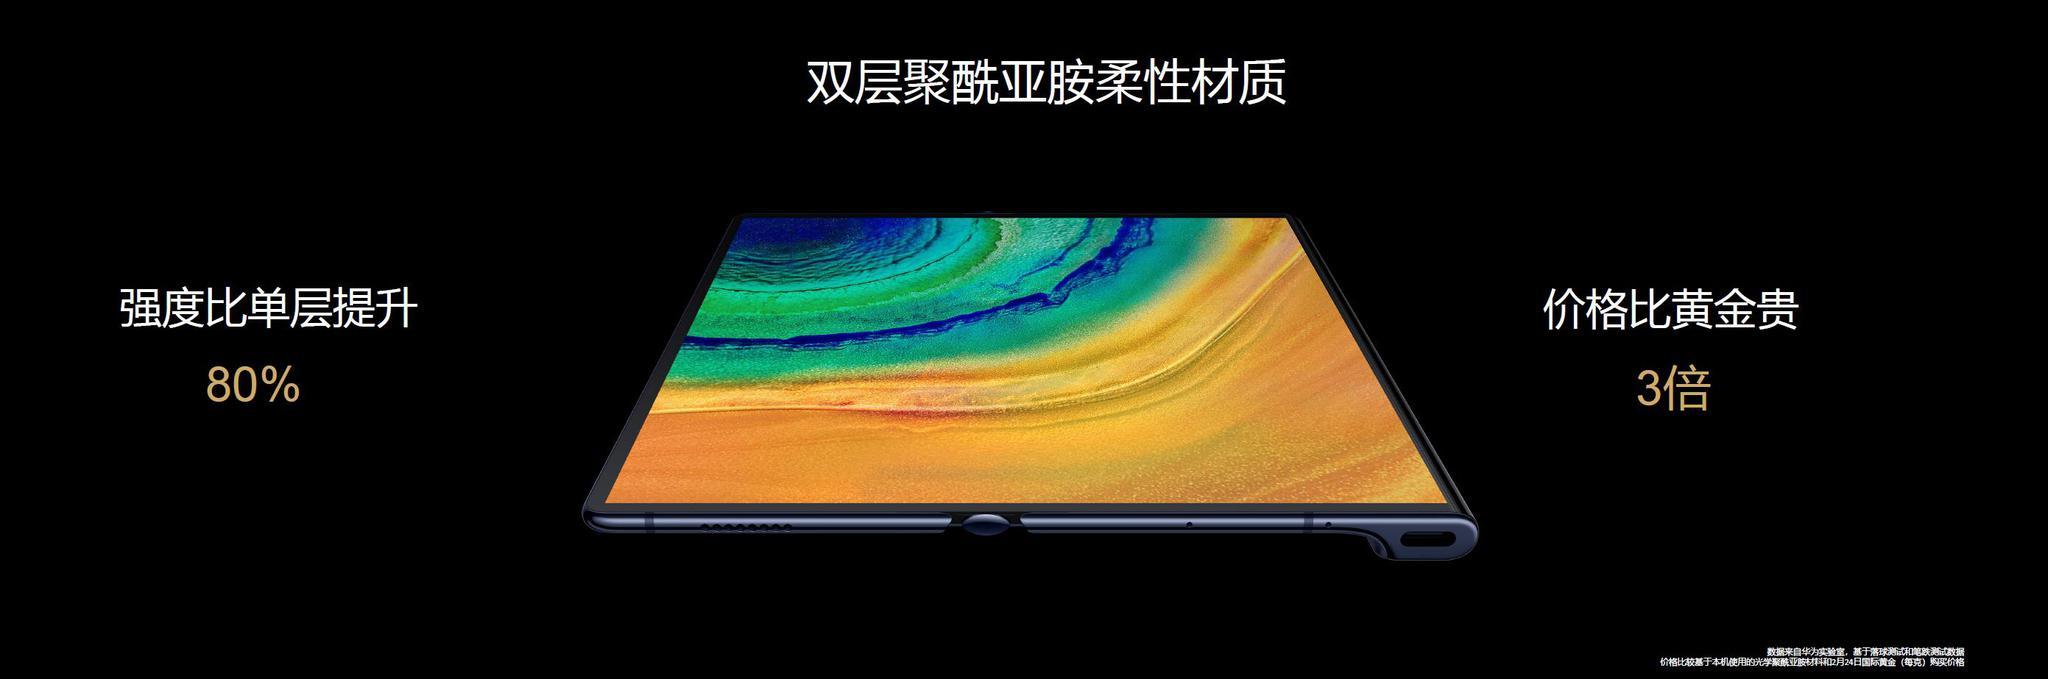 蓝冠,华为发布第蓝冠二款折叠屏手机M图片